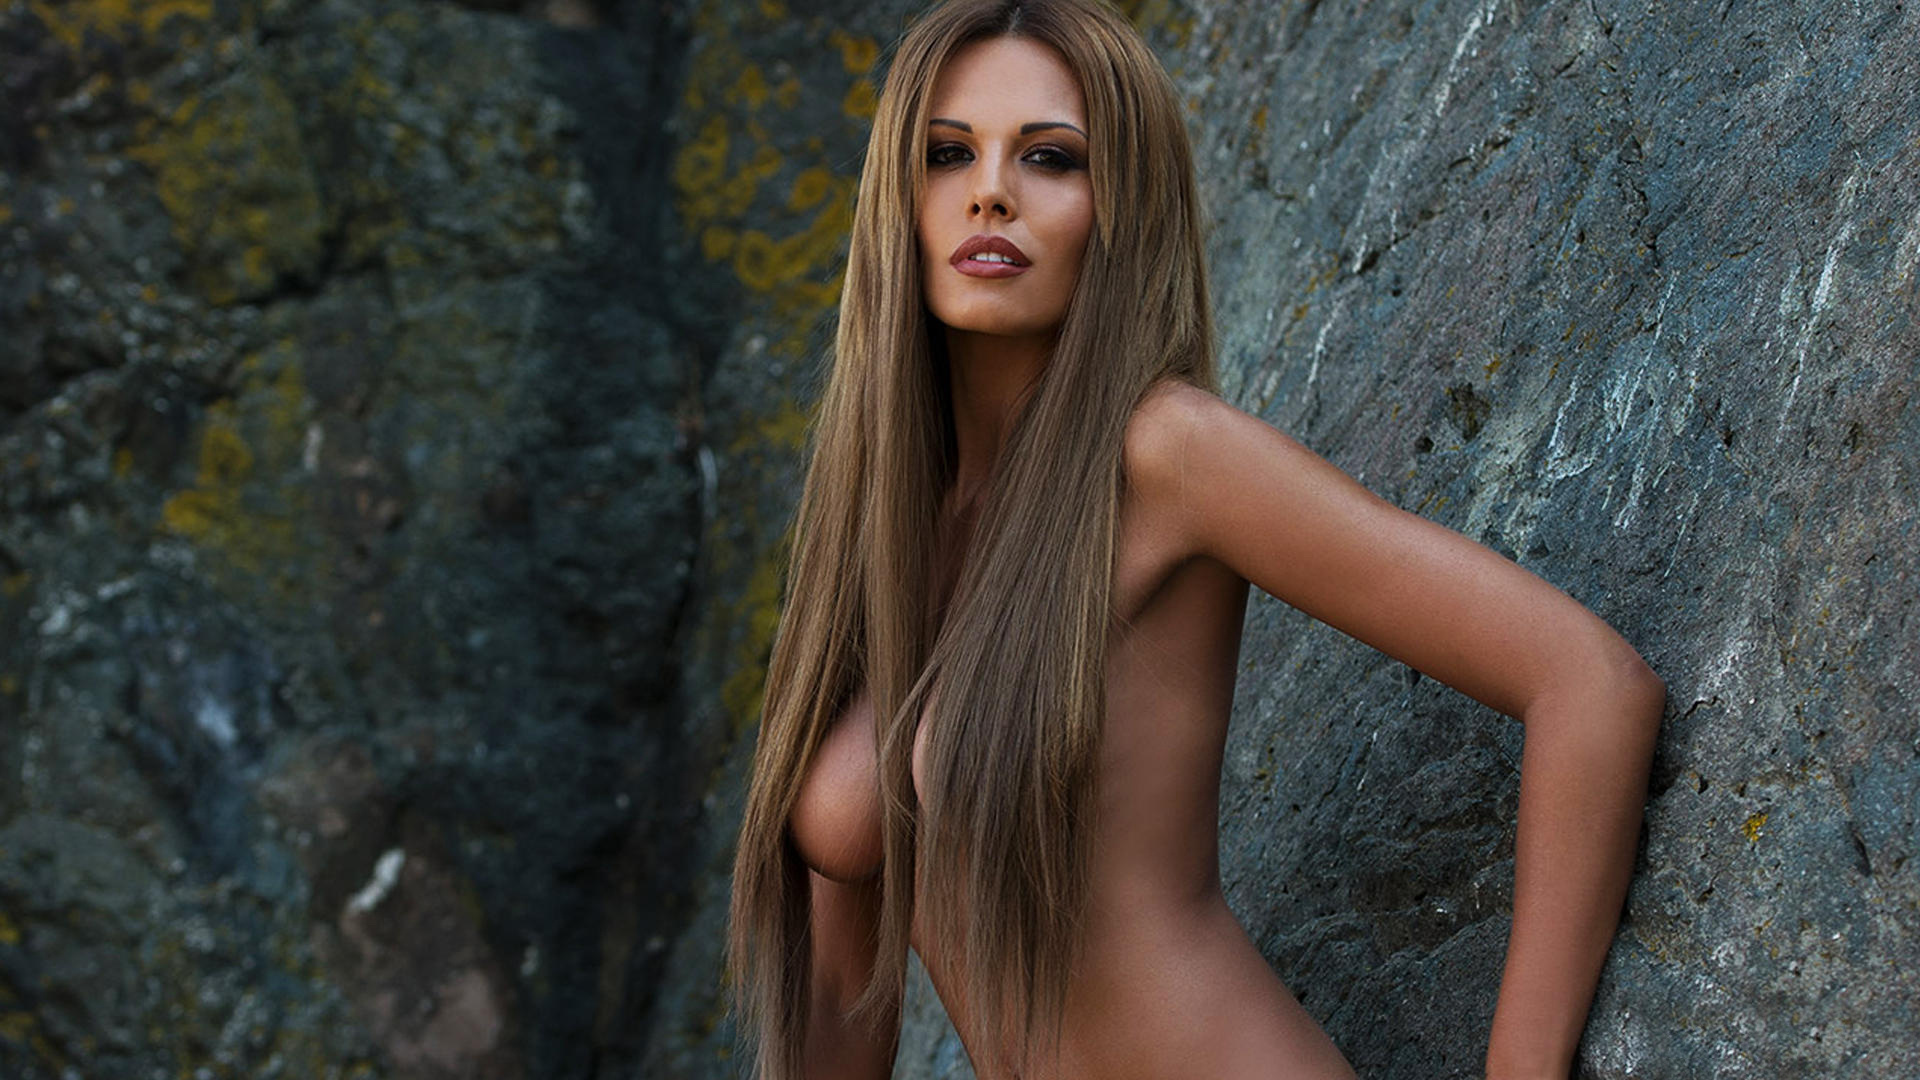 женщина тоже фото порно мария горбань общем